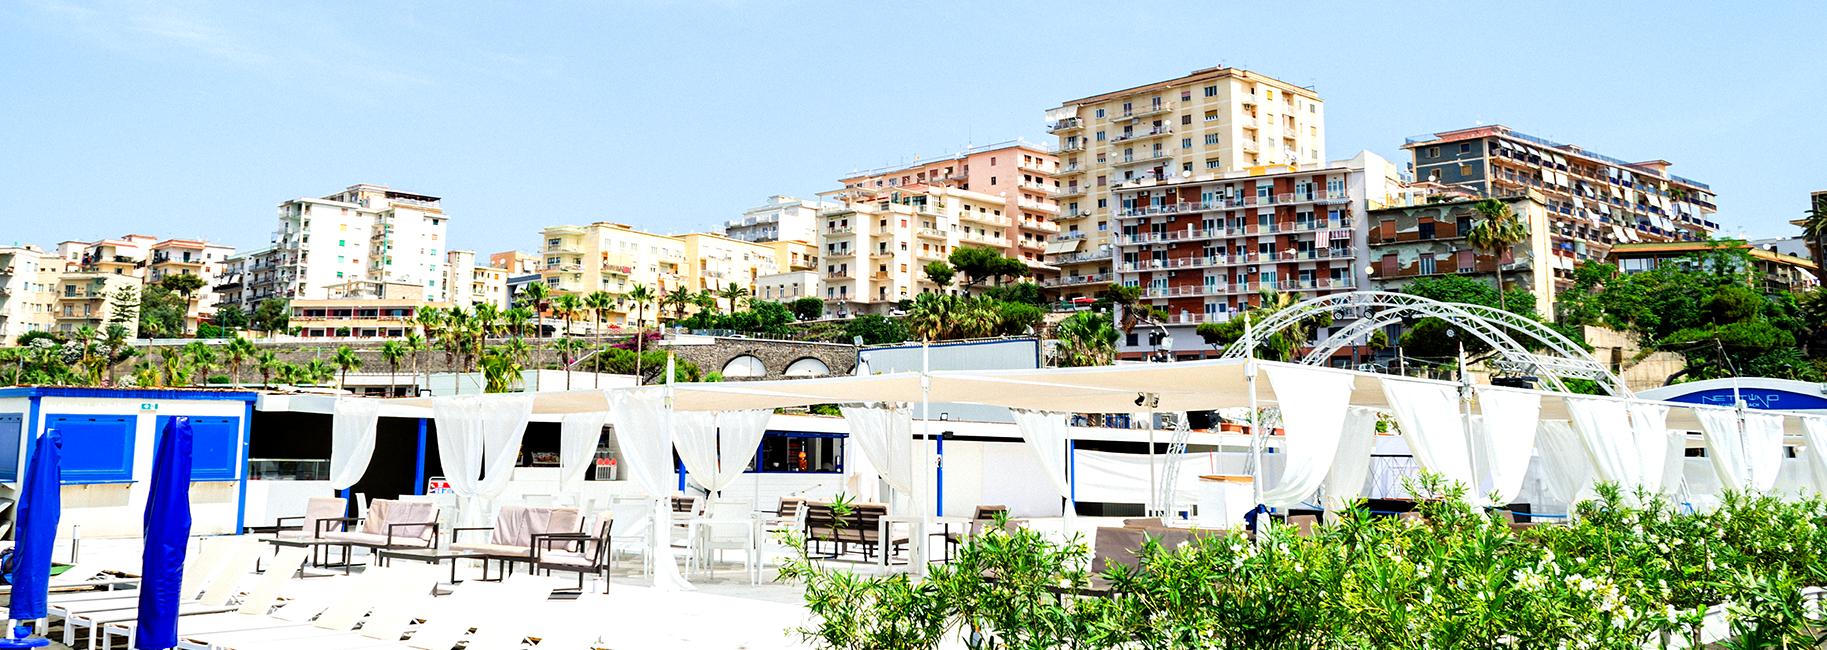 Nettuno Lounge Beach